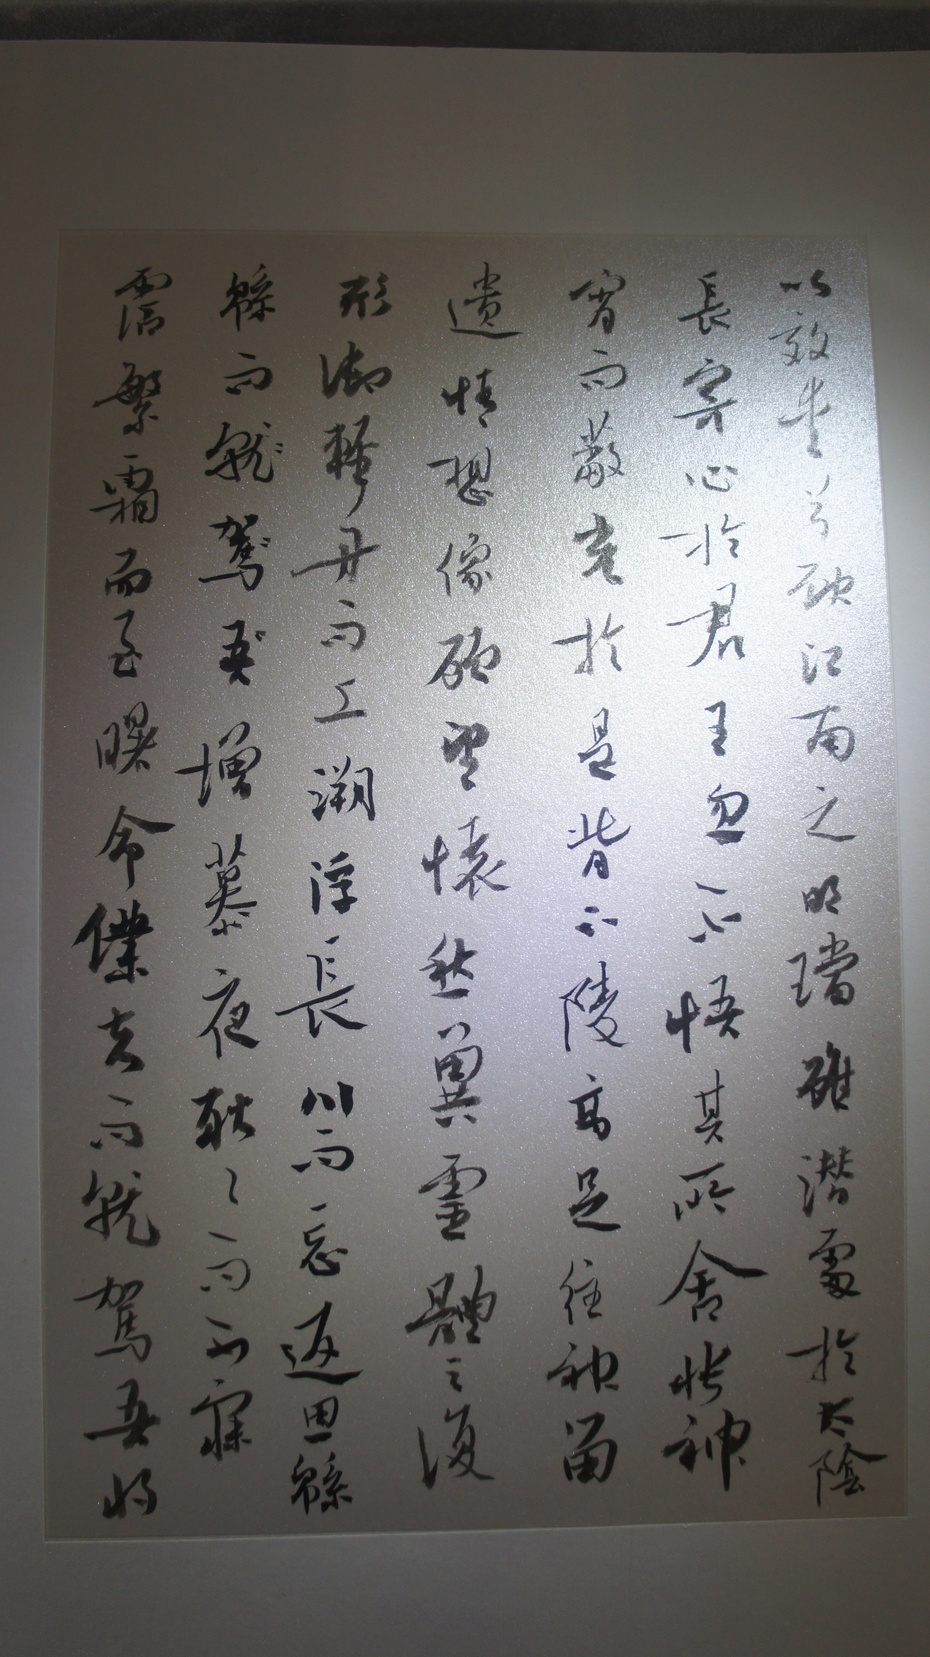 走进中国美术馆欣赏名家书法 - 余昌国 - 我的博客